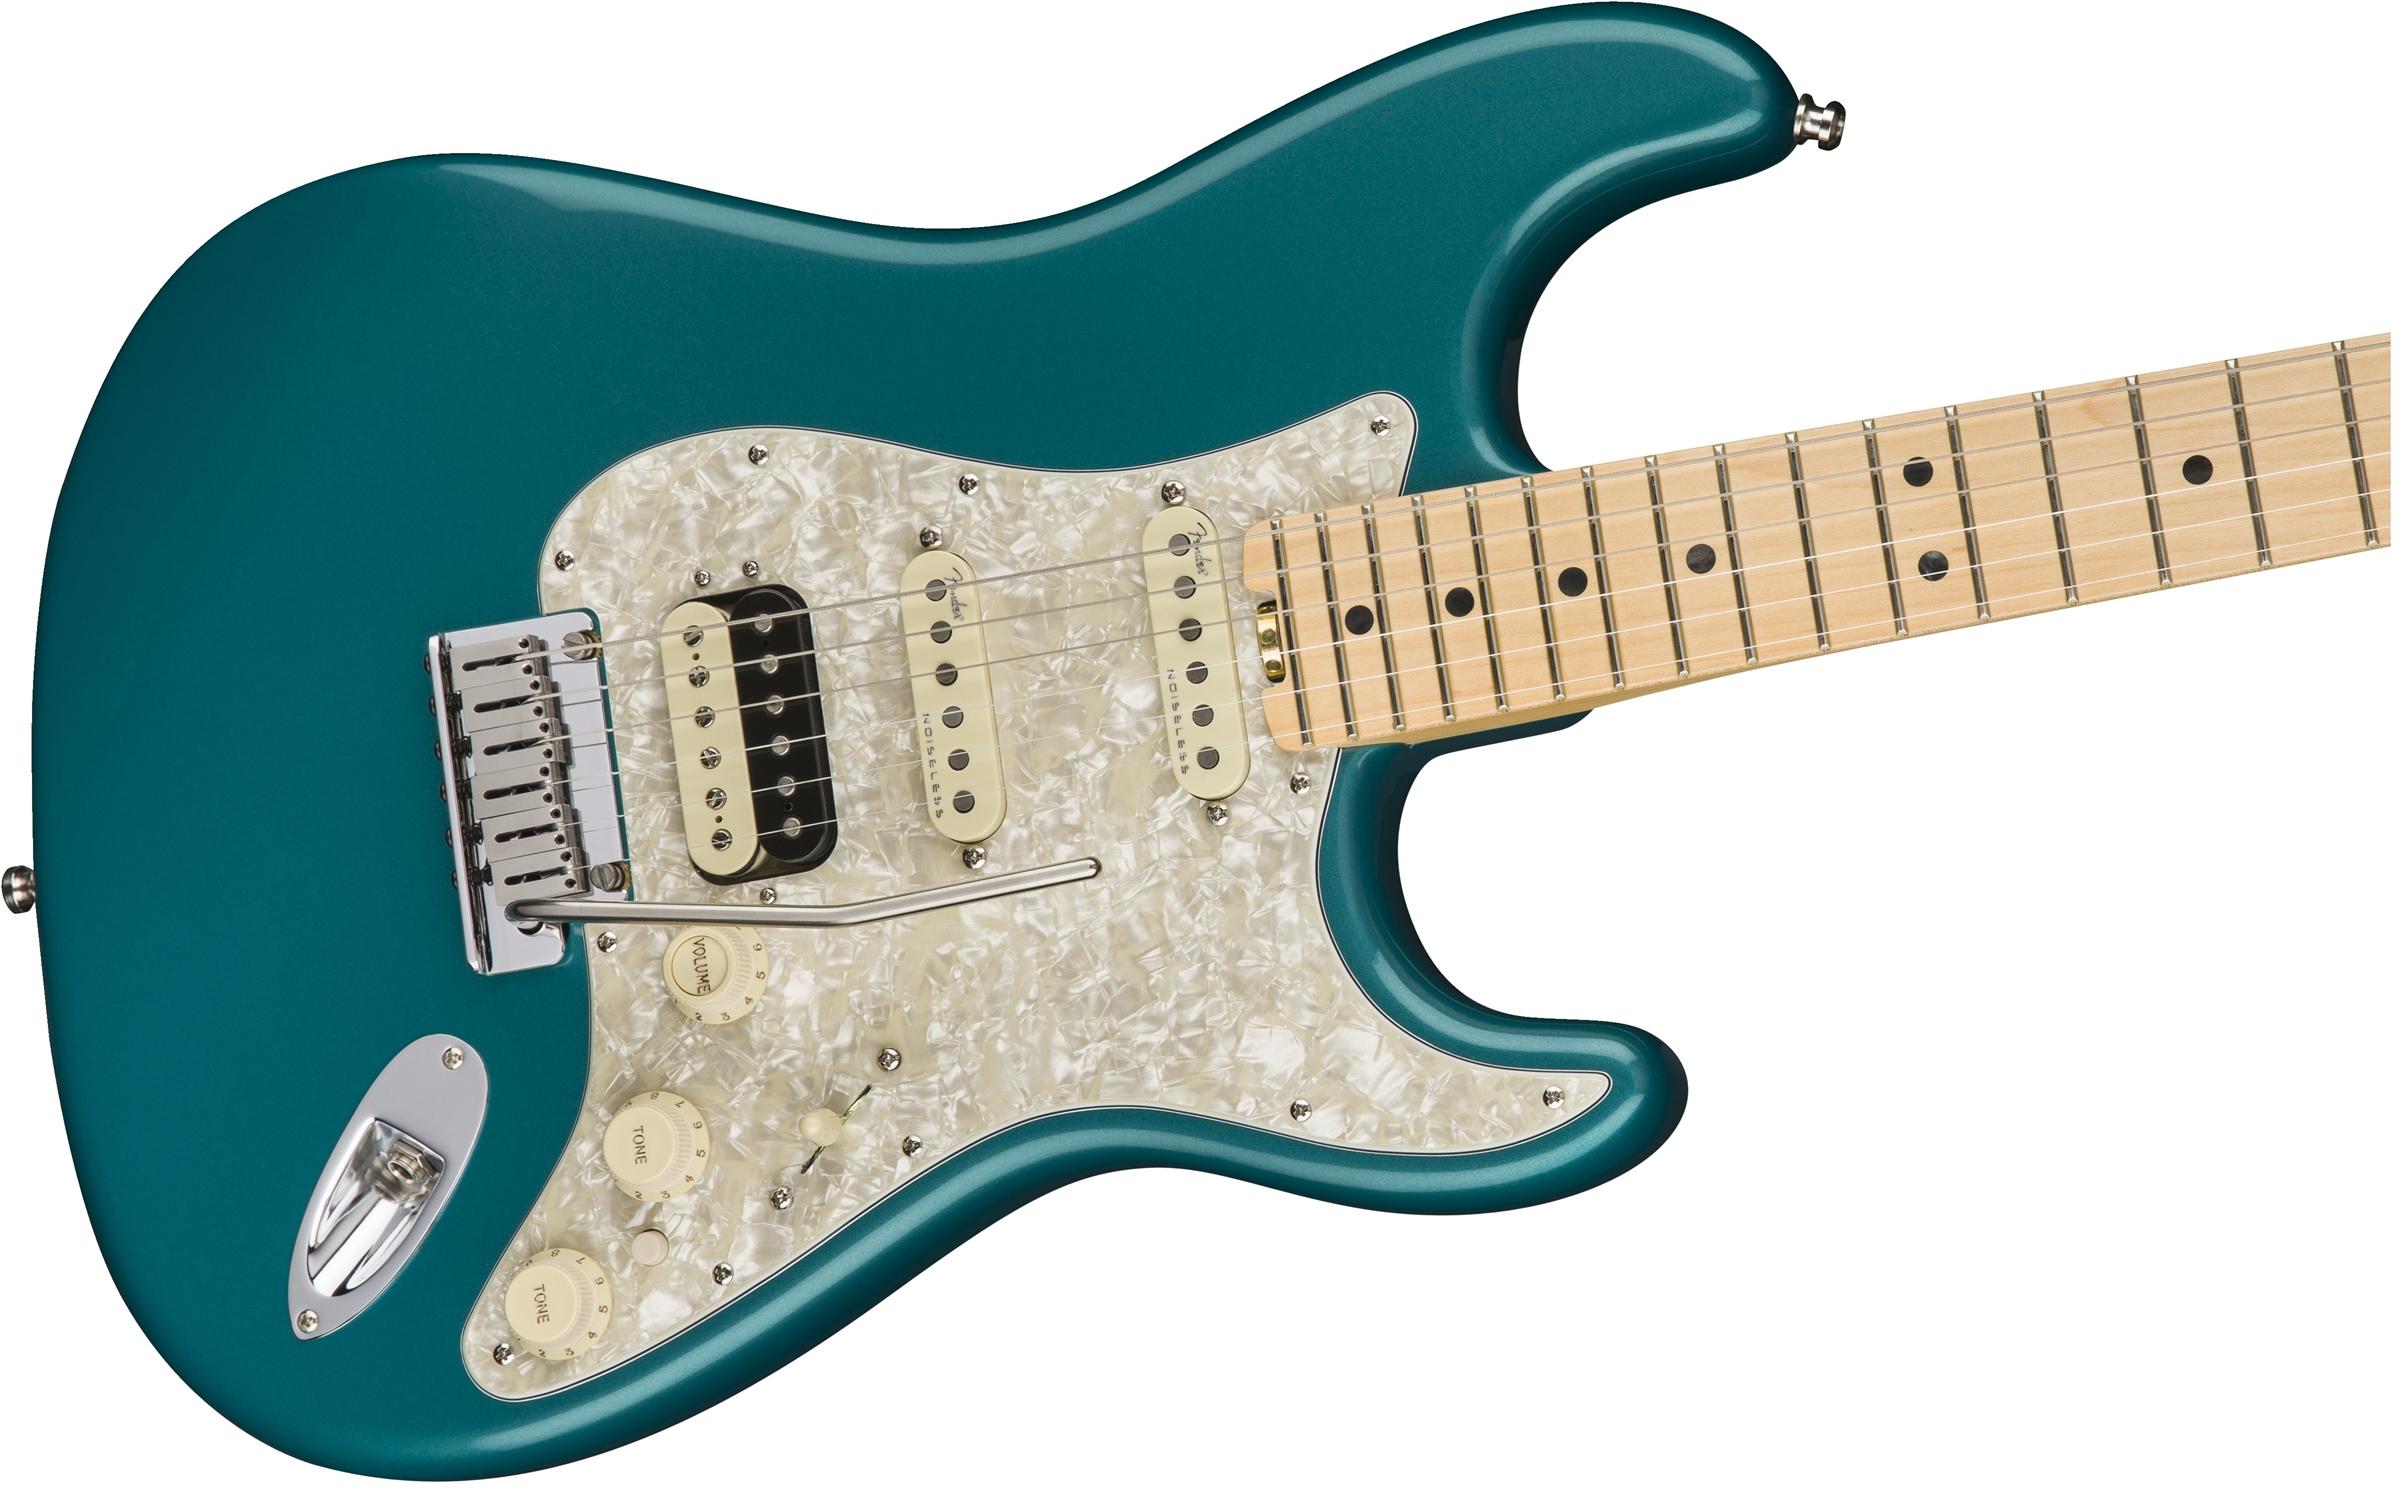 Fender Elite Stratocaster Hss Wiring Diagram Strat Wire Center